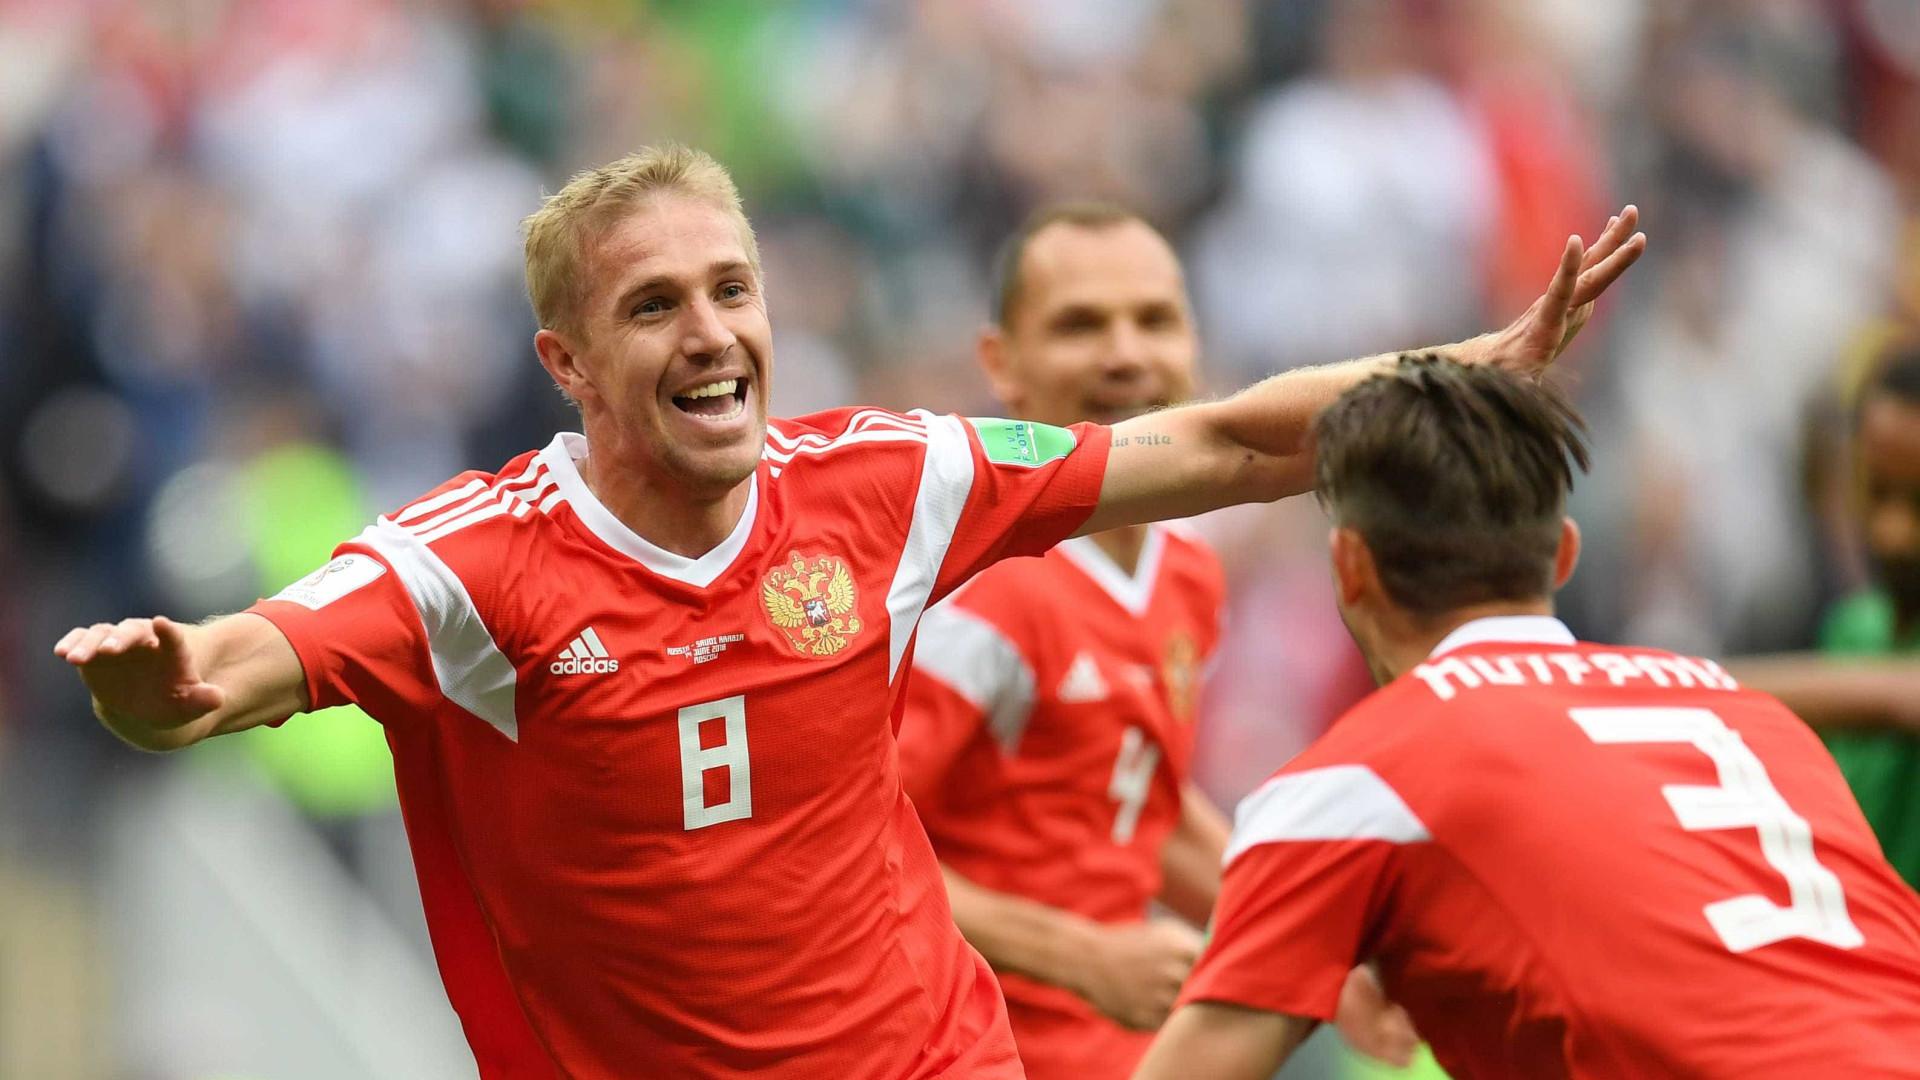 Saiba quem é Gazinsky, autor do 1º gol da Copa do Mundo da Rússia